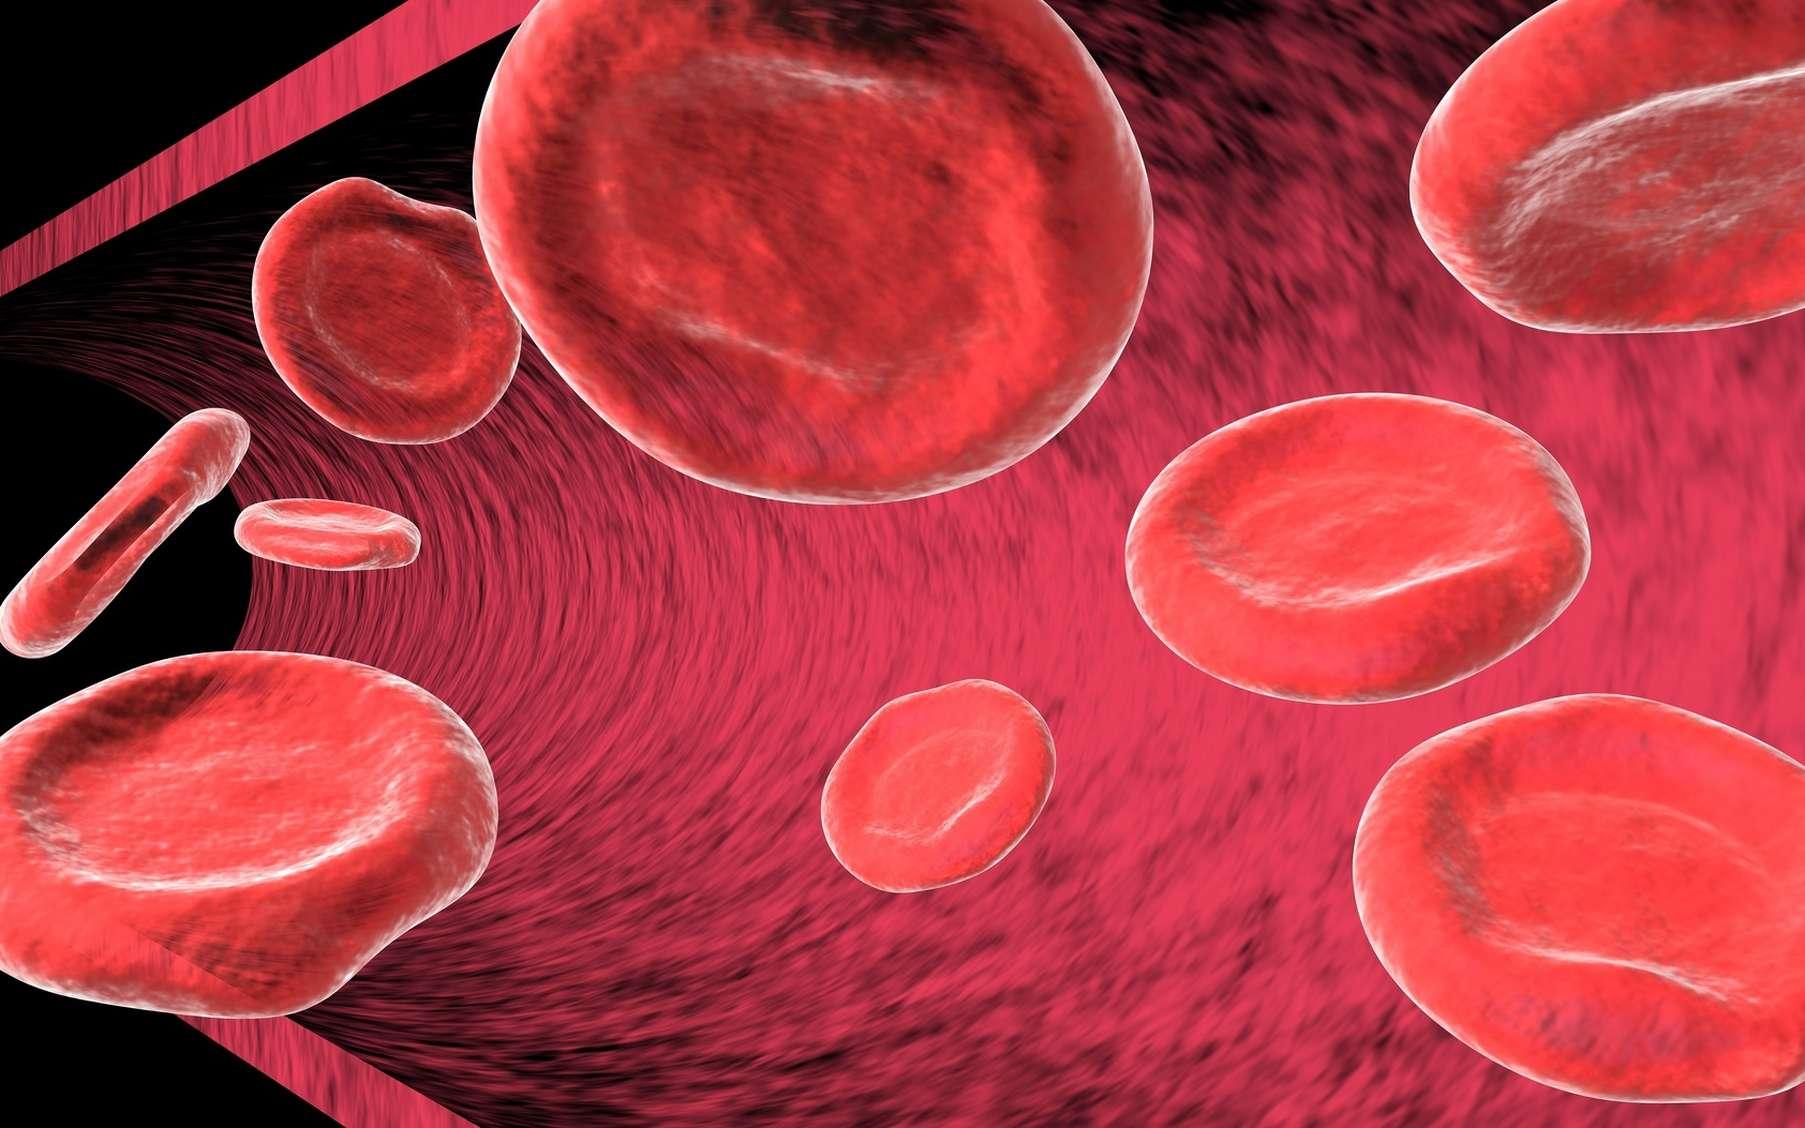 Les globules rouges transportent l'oxygène grâce à l'hémoglobine. © Martin Bangemann, Fotolia